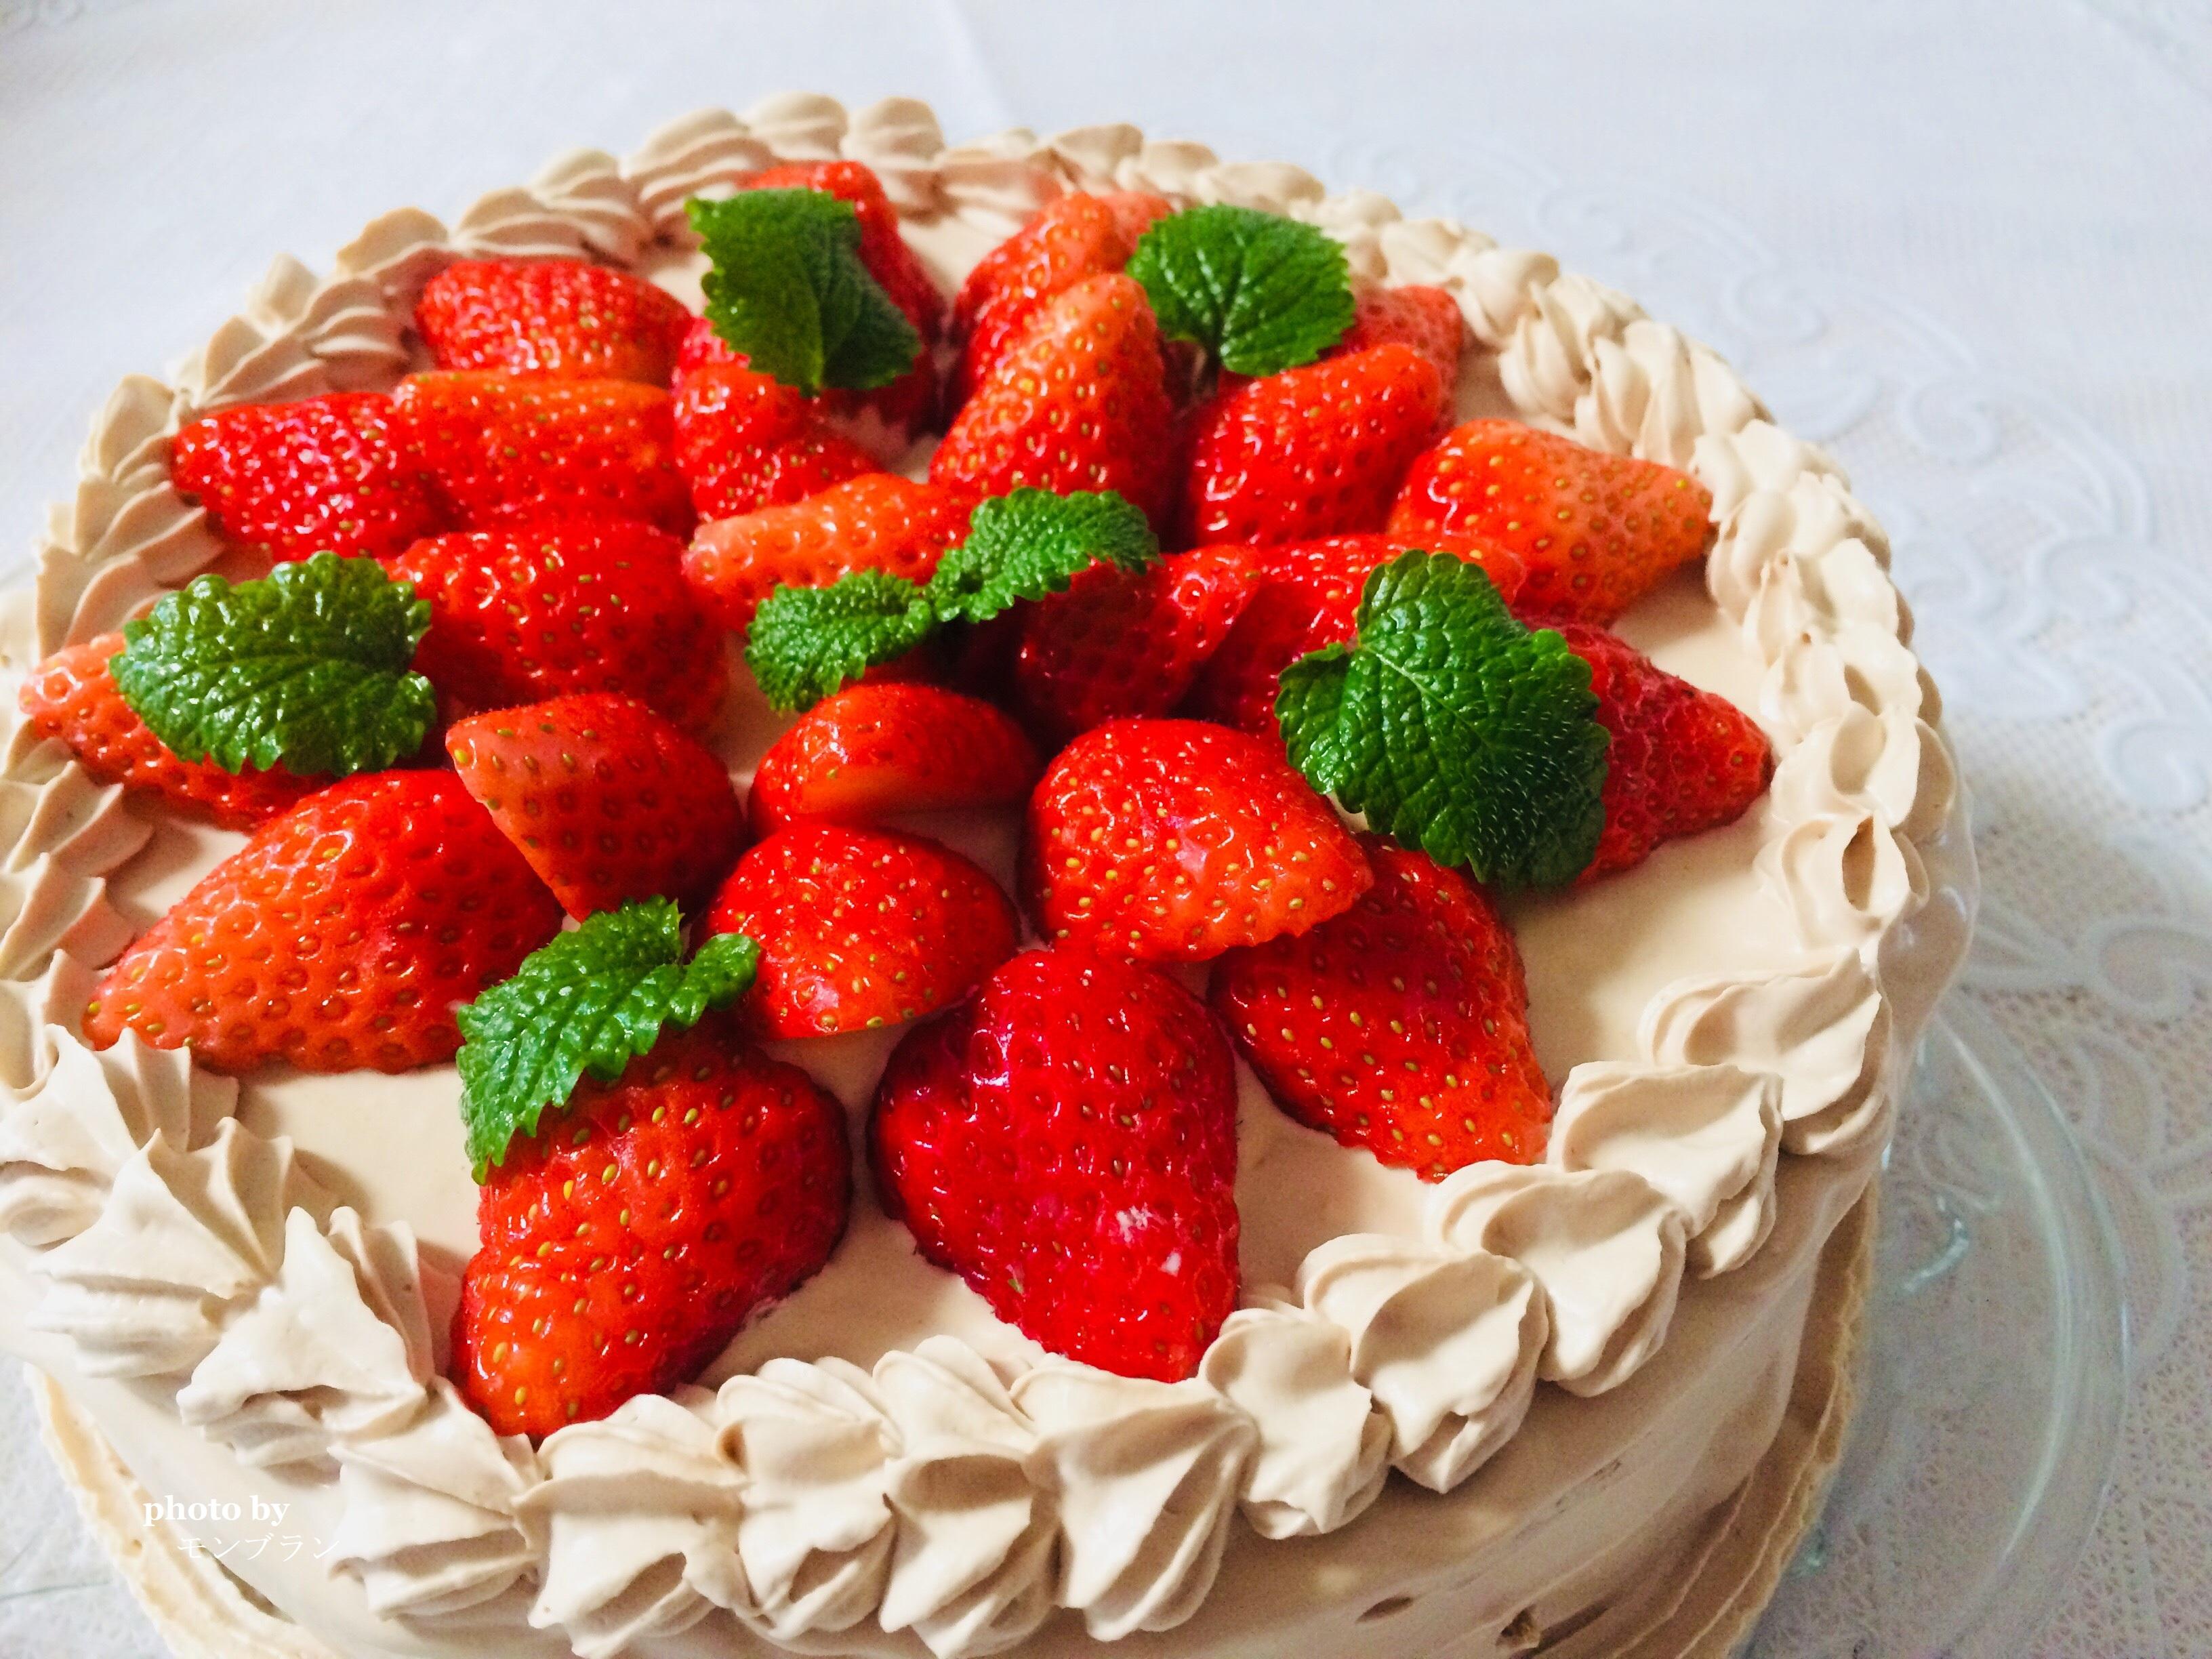 板チョコで作るチョコクリームのいちごデコレーションケーキ